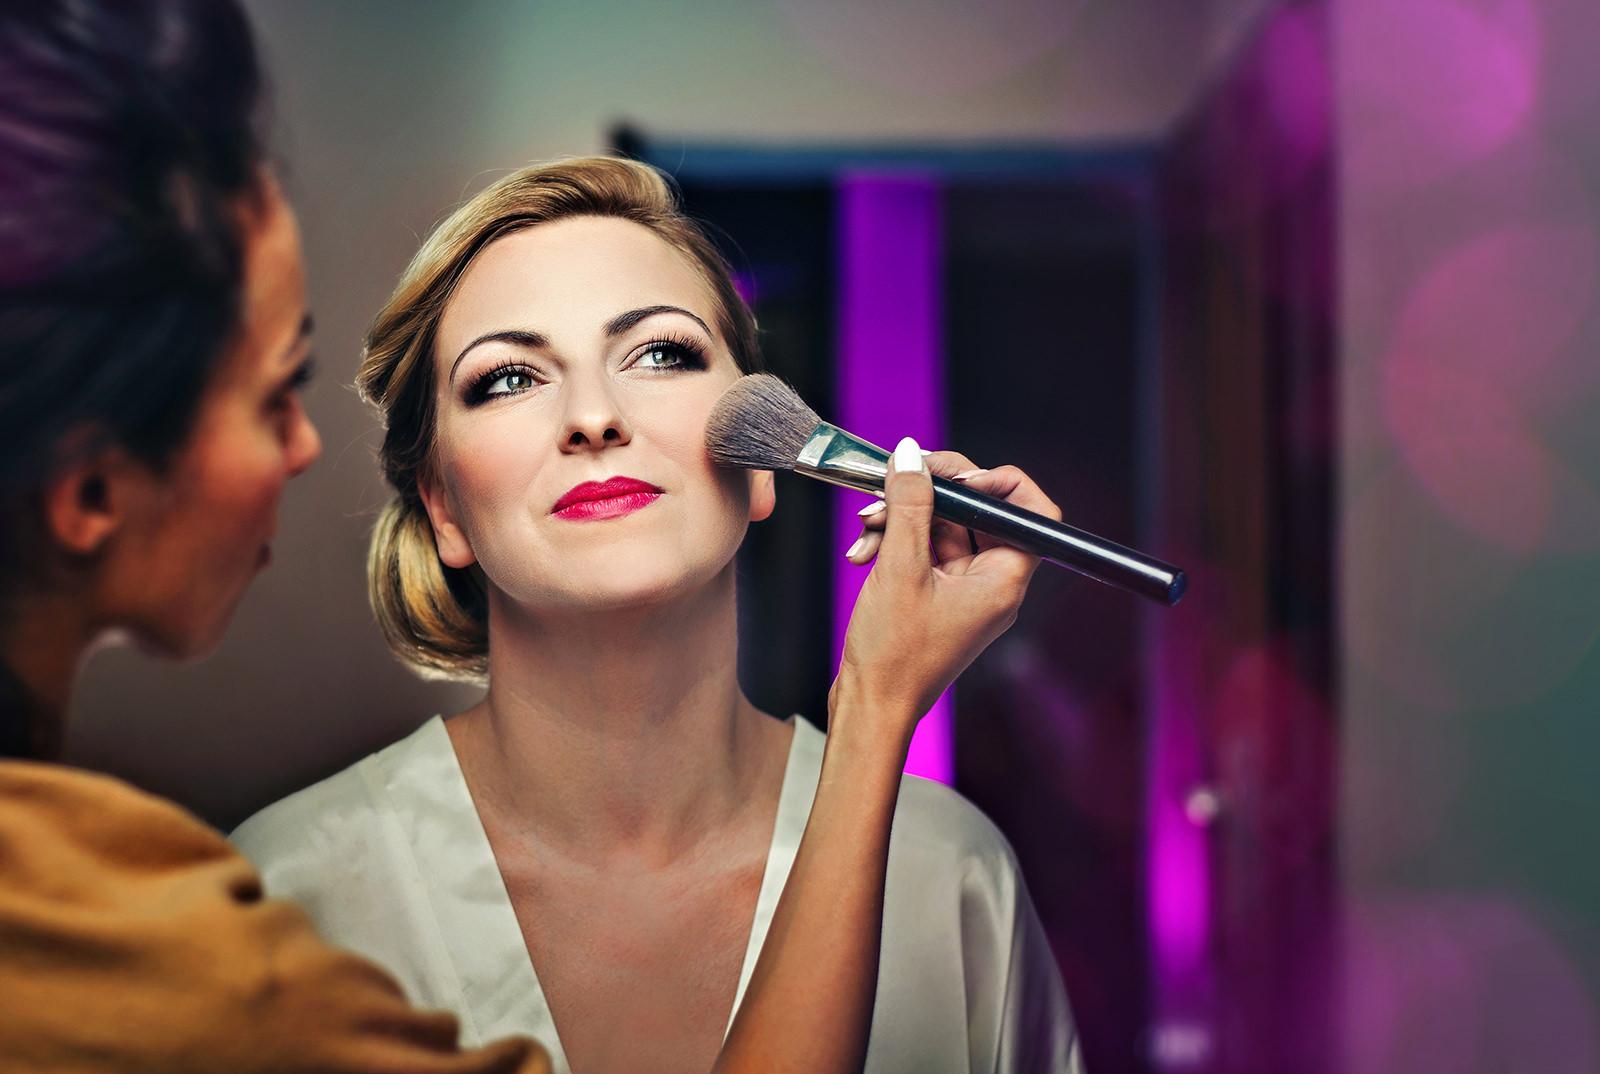 Próbny makijaż przed ślubem, makijaż Panny Młodej